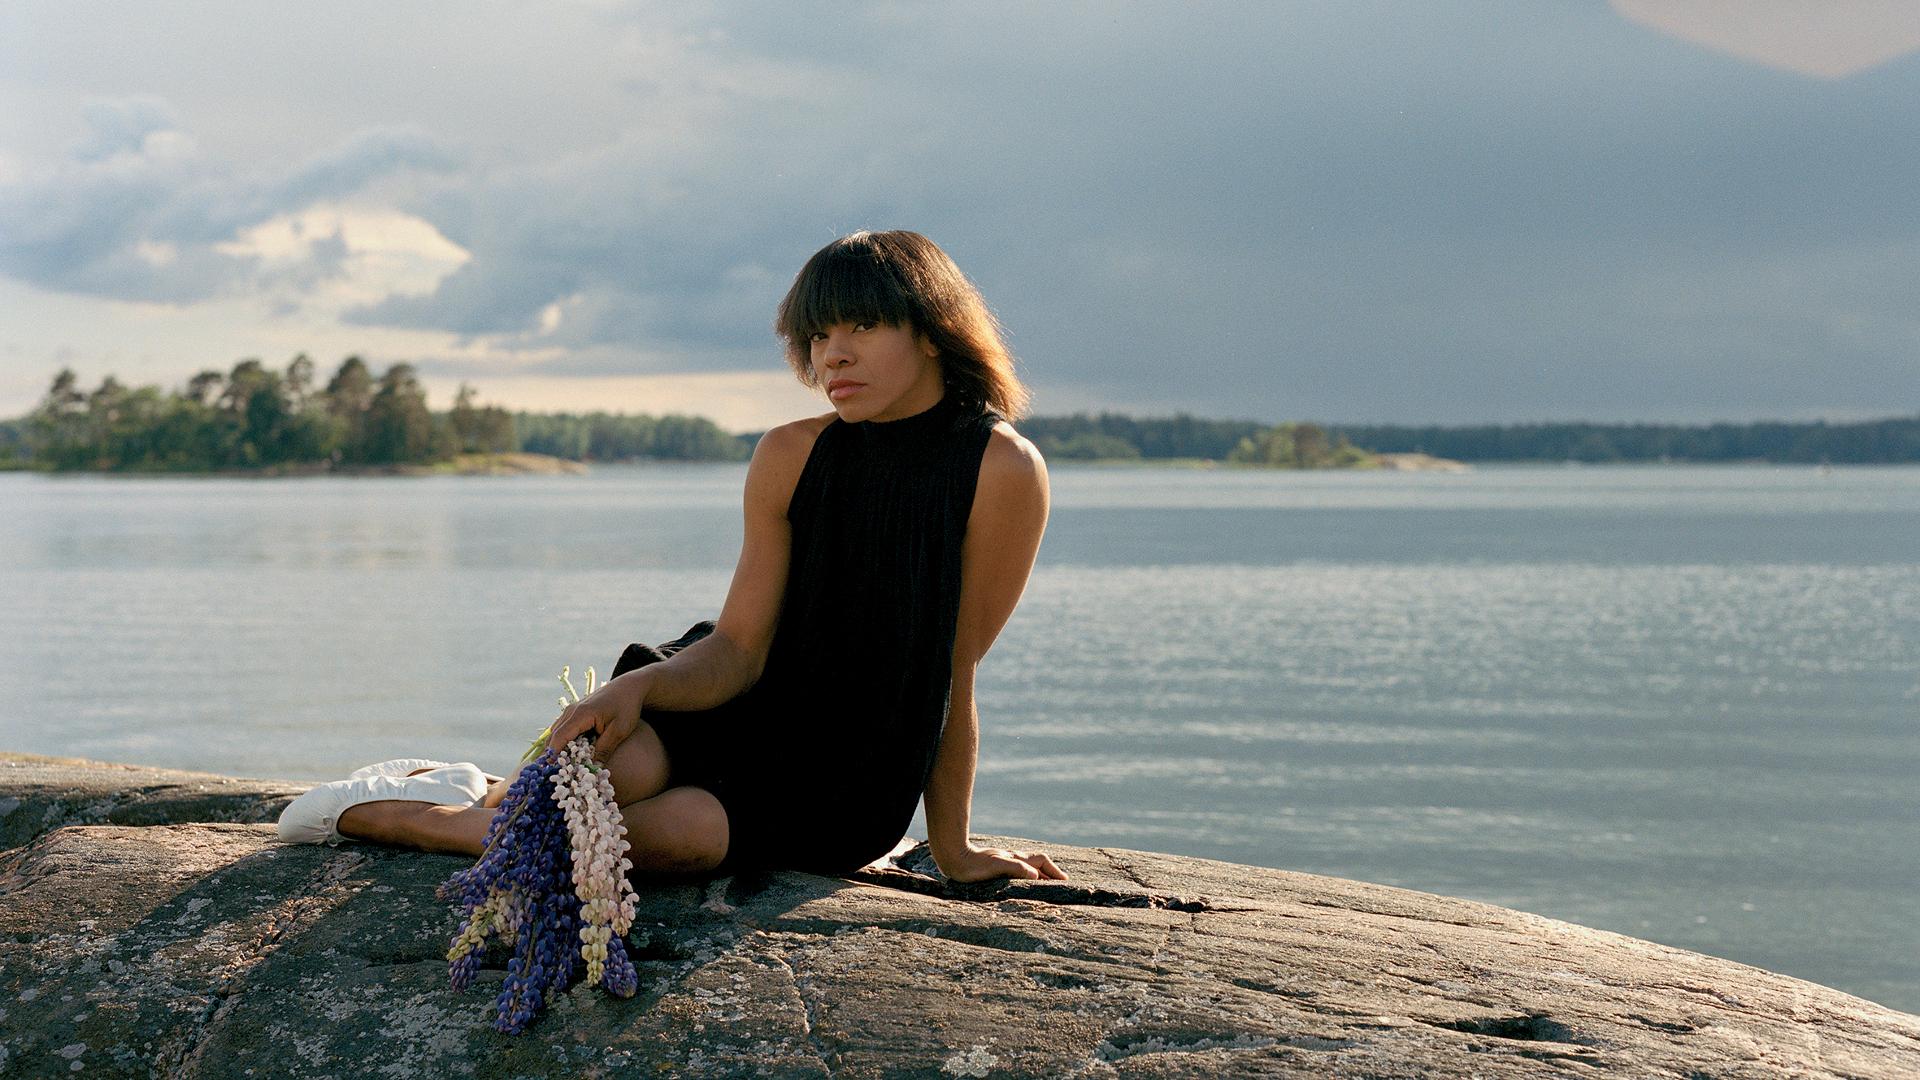 Nicole Willis, promo 03 (1920x1080)